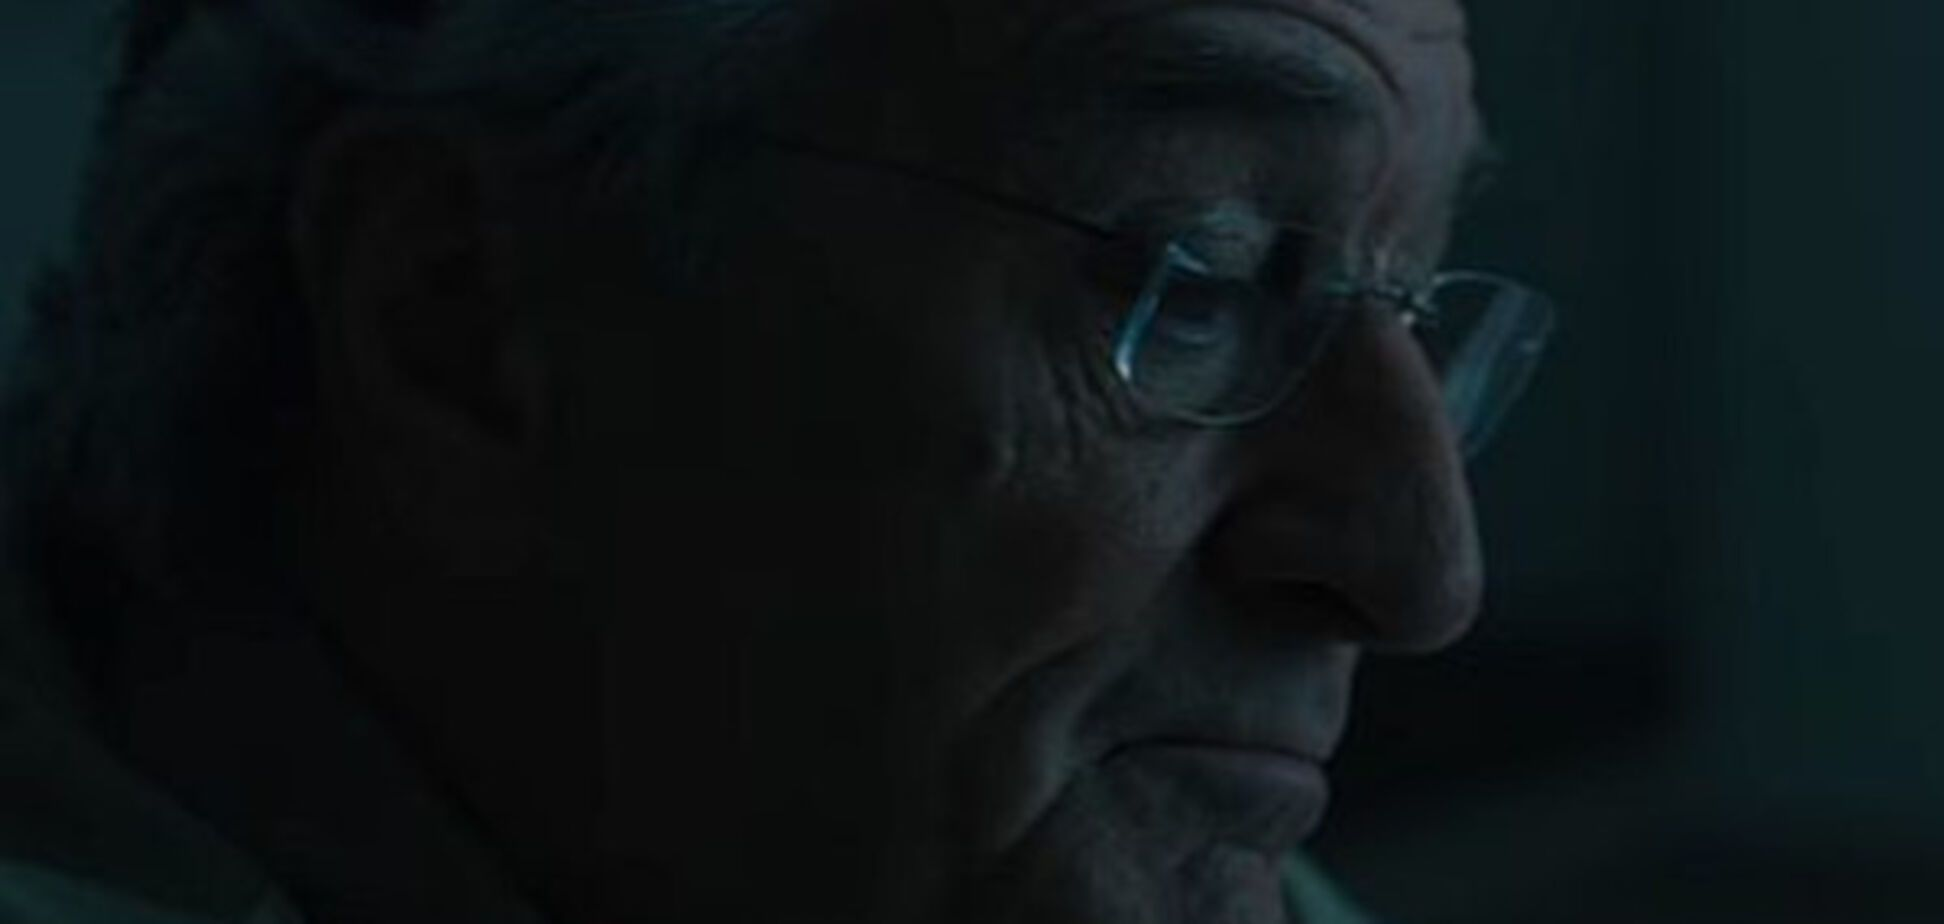 Эмилия Кларк в готическом ужастике и Де Ниро в роли злого гения: главные трейлеры недели